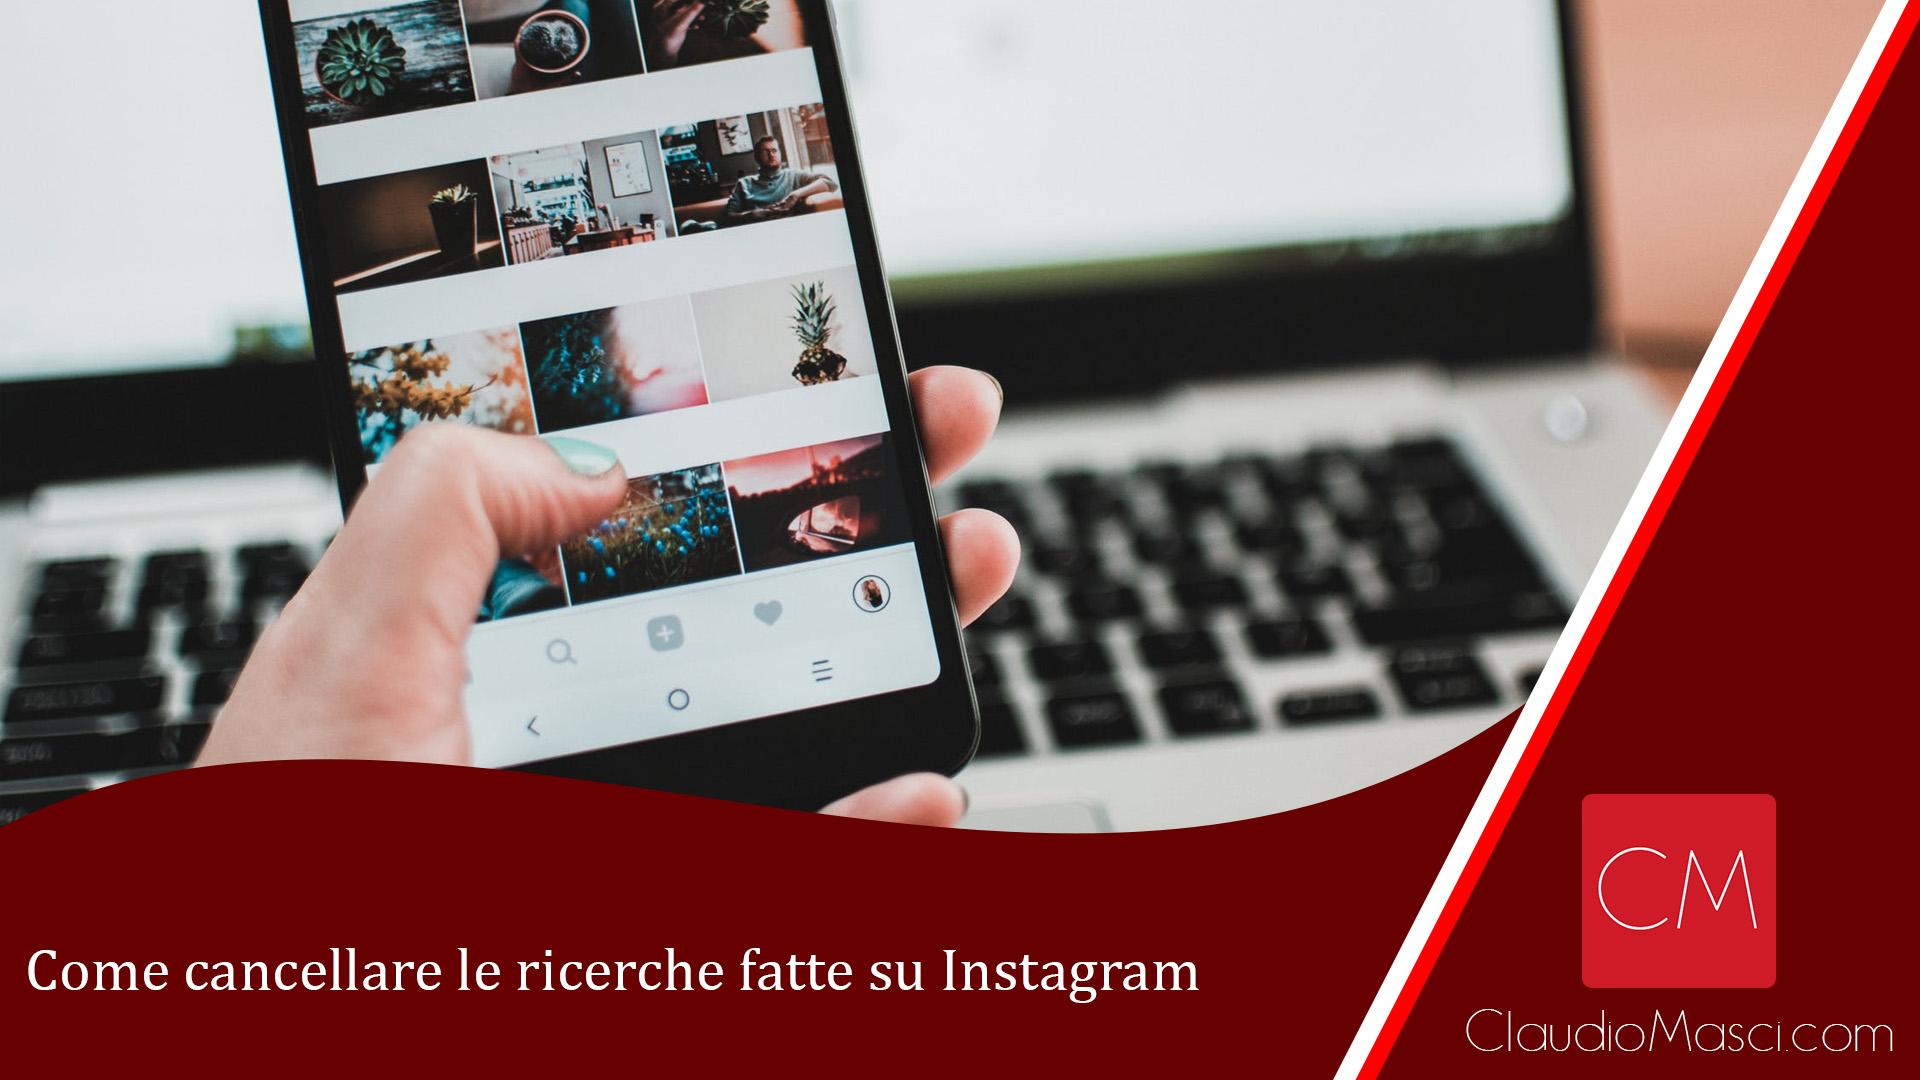 Come cancellare le ricerche fatte su Instagram